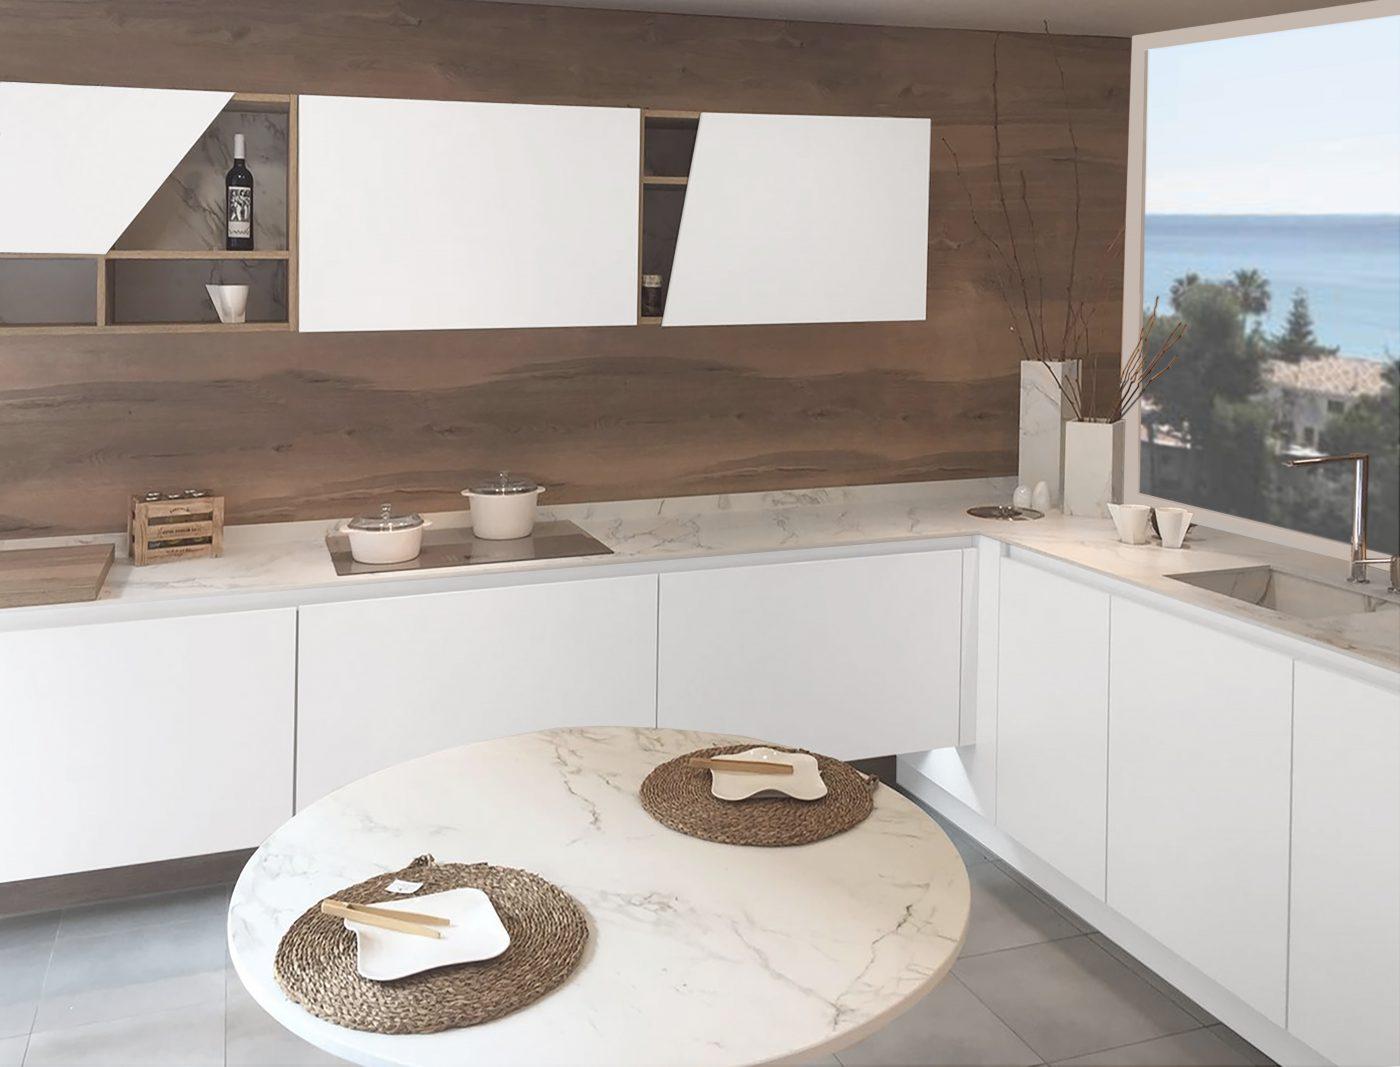 Avant Area Organiza Su Producci N Con La Soluci N Woodcad Cam  # Muebles Vall De Uxo